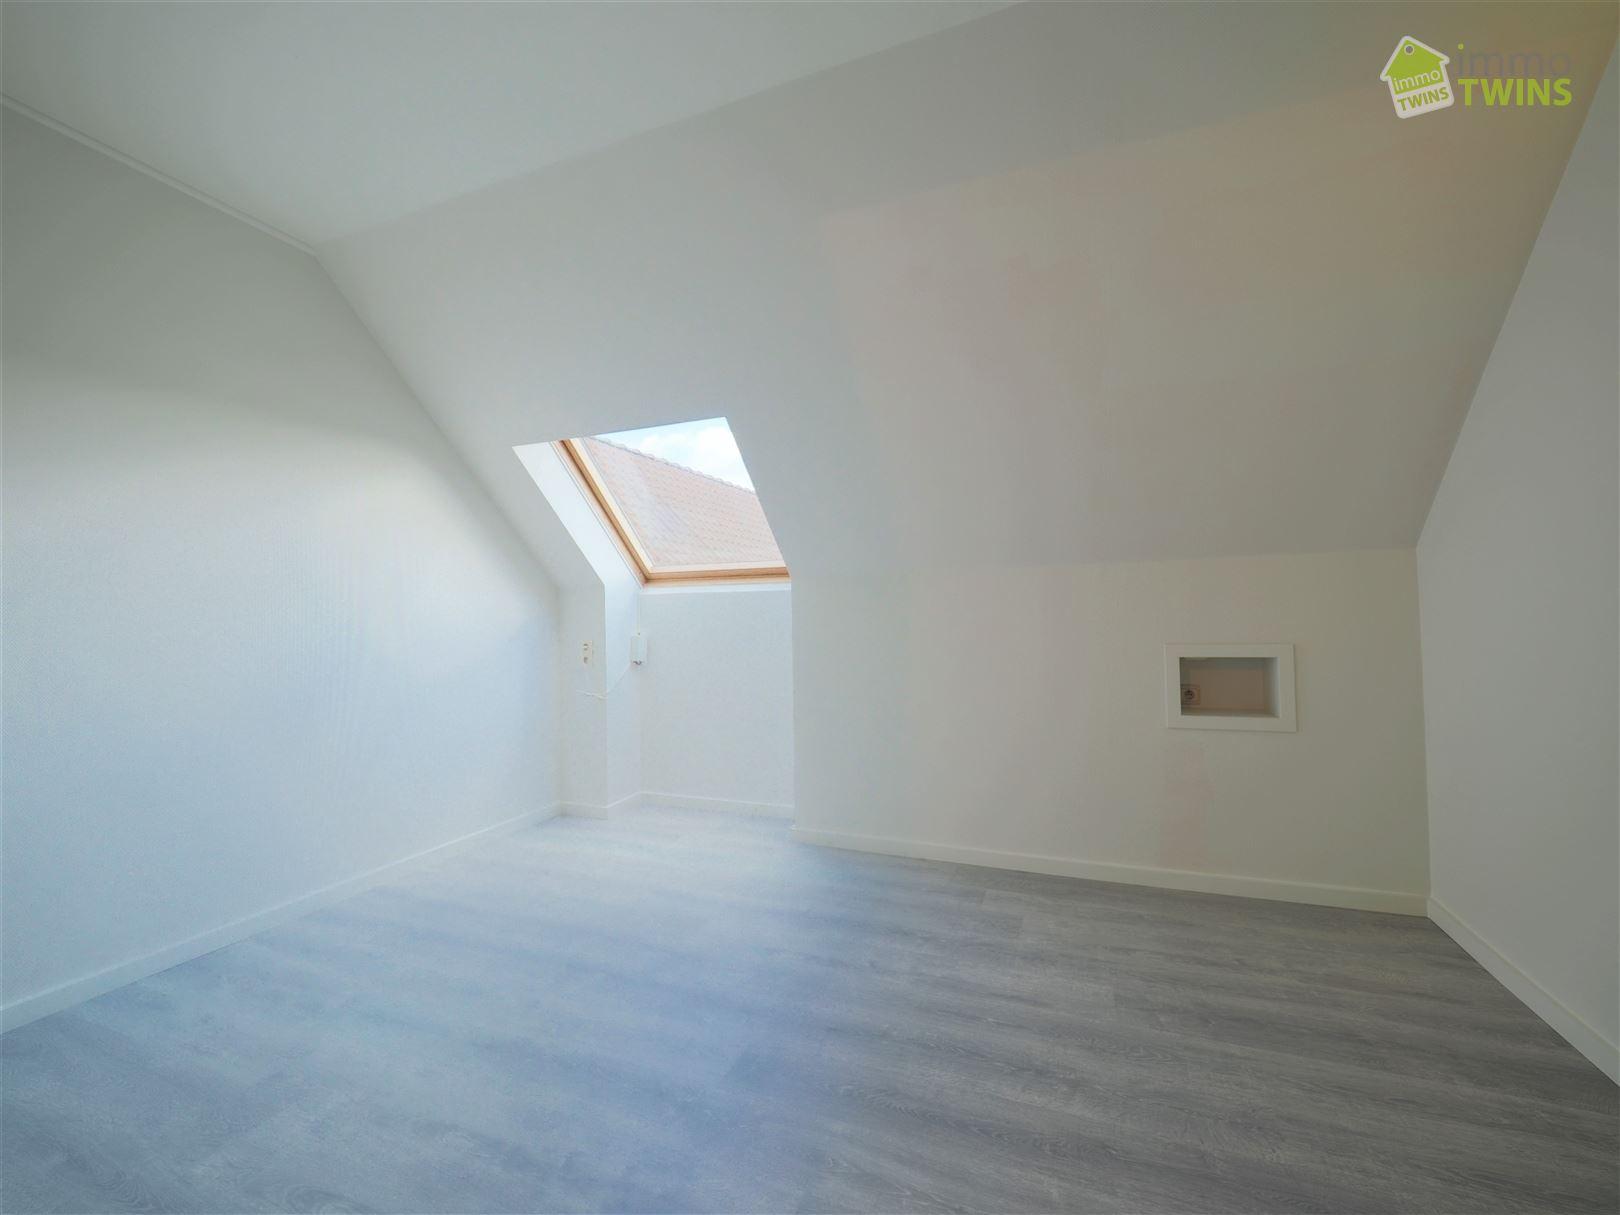 Foto 19 : Woning te 9240 ZELE (België) - Prijs € 420.000